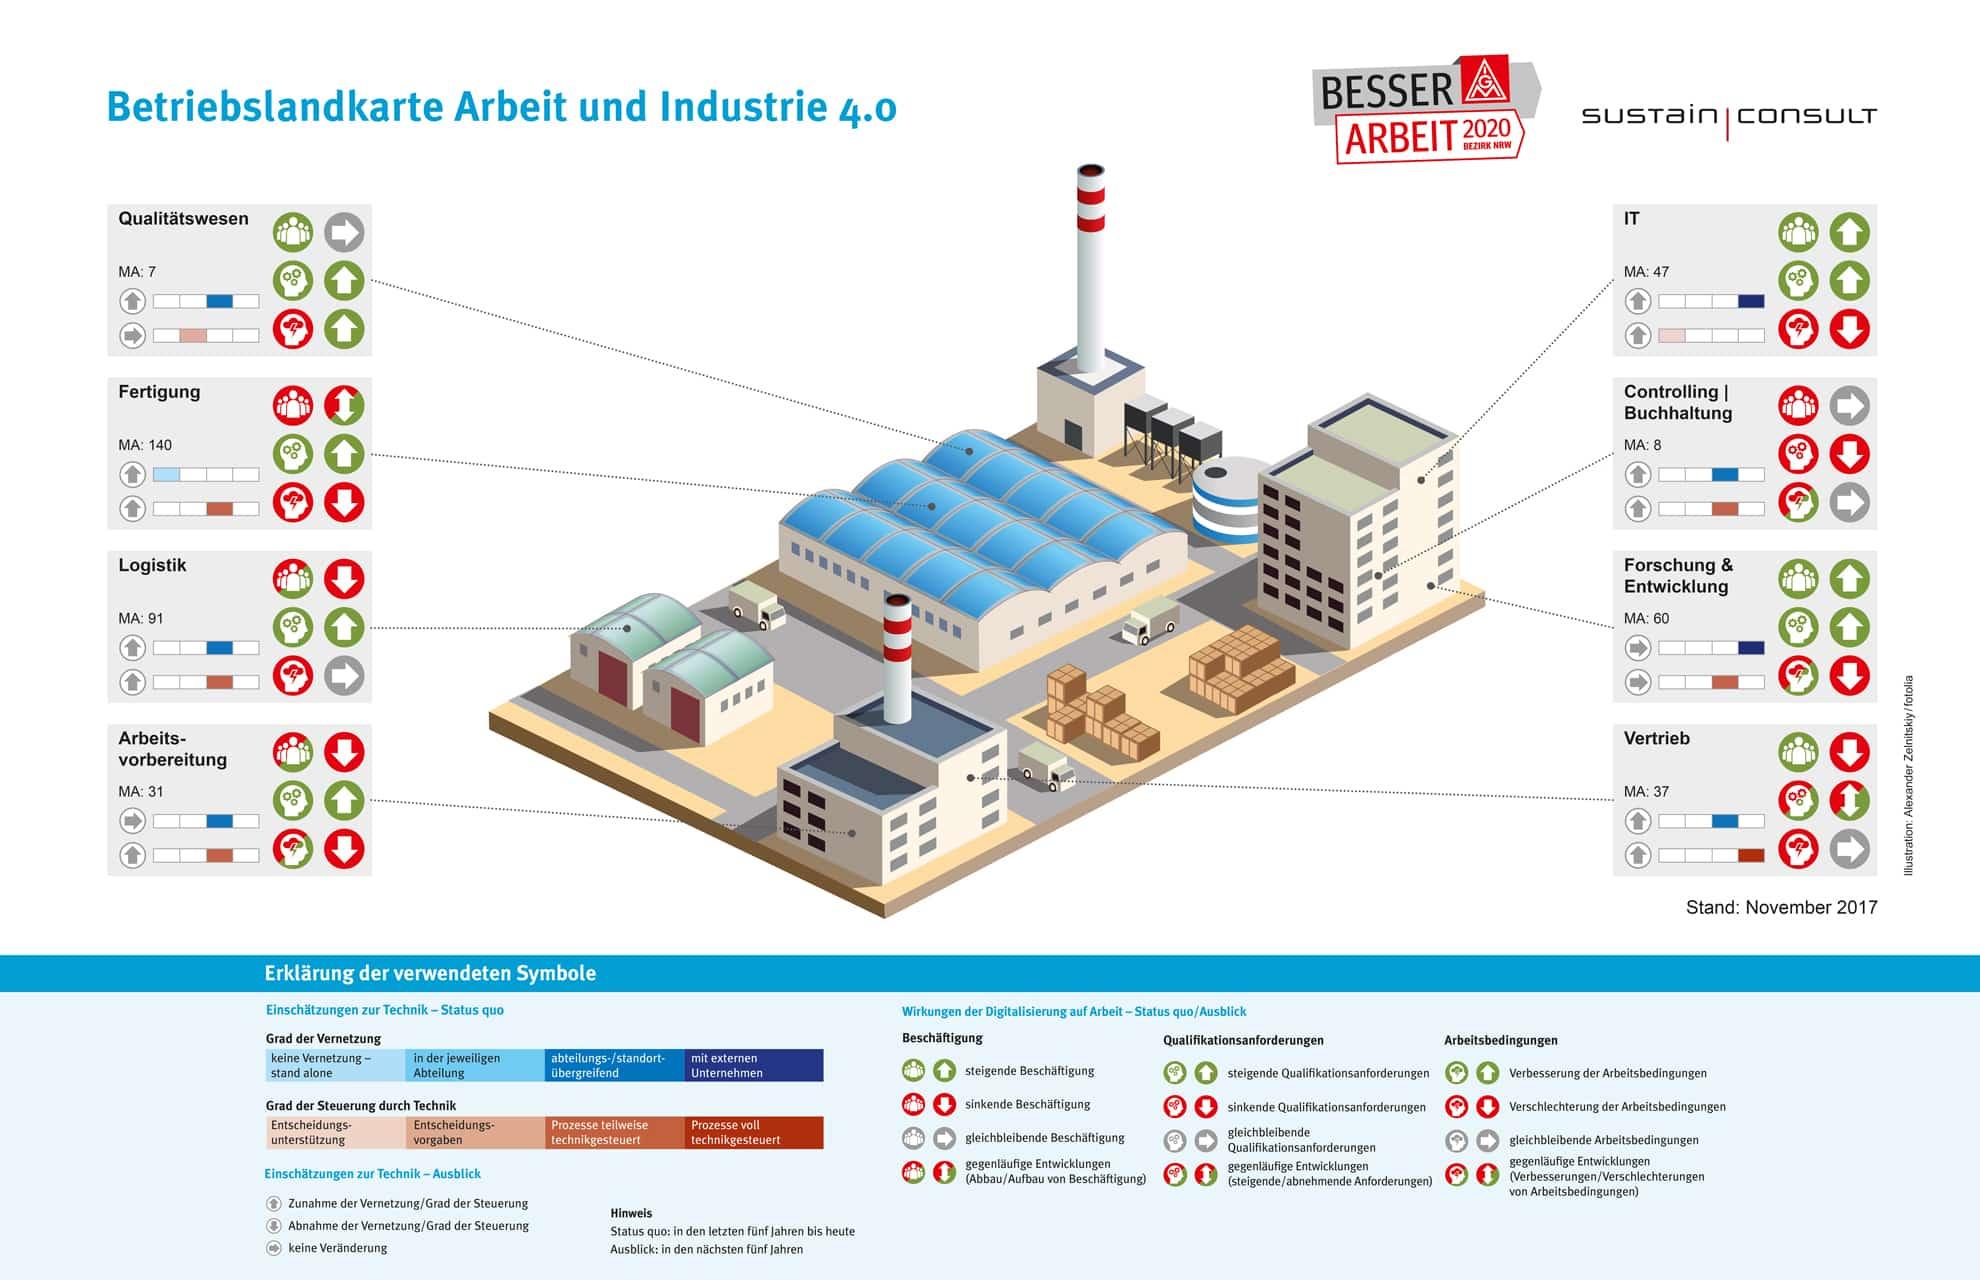 Grafik zum Thema Arbeit und Industrie 4.0